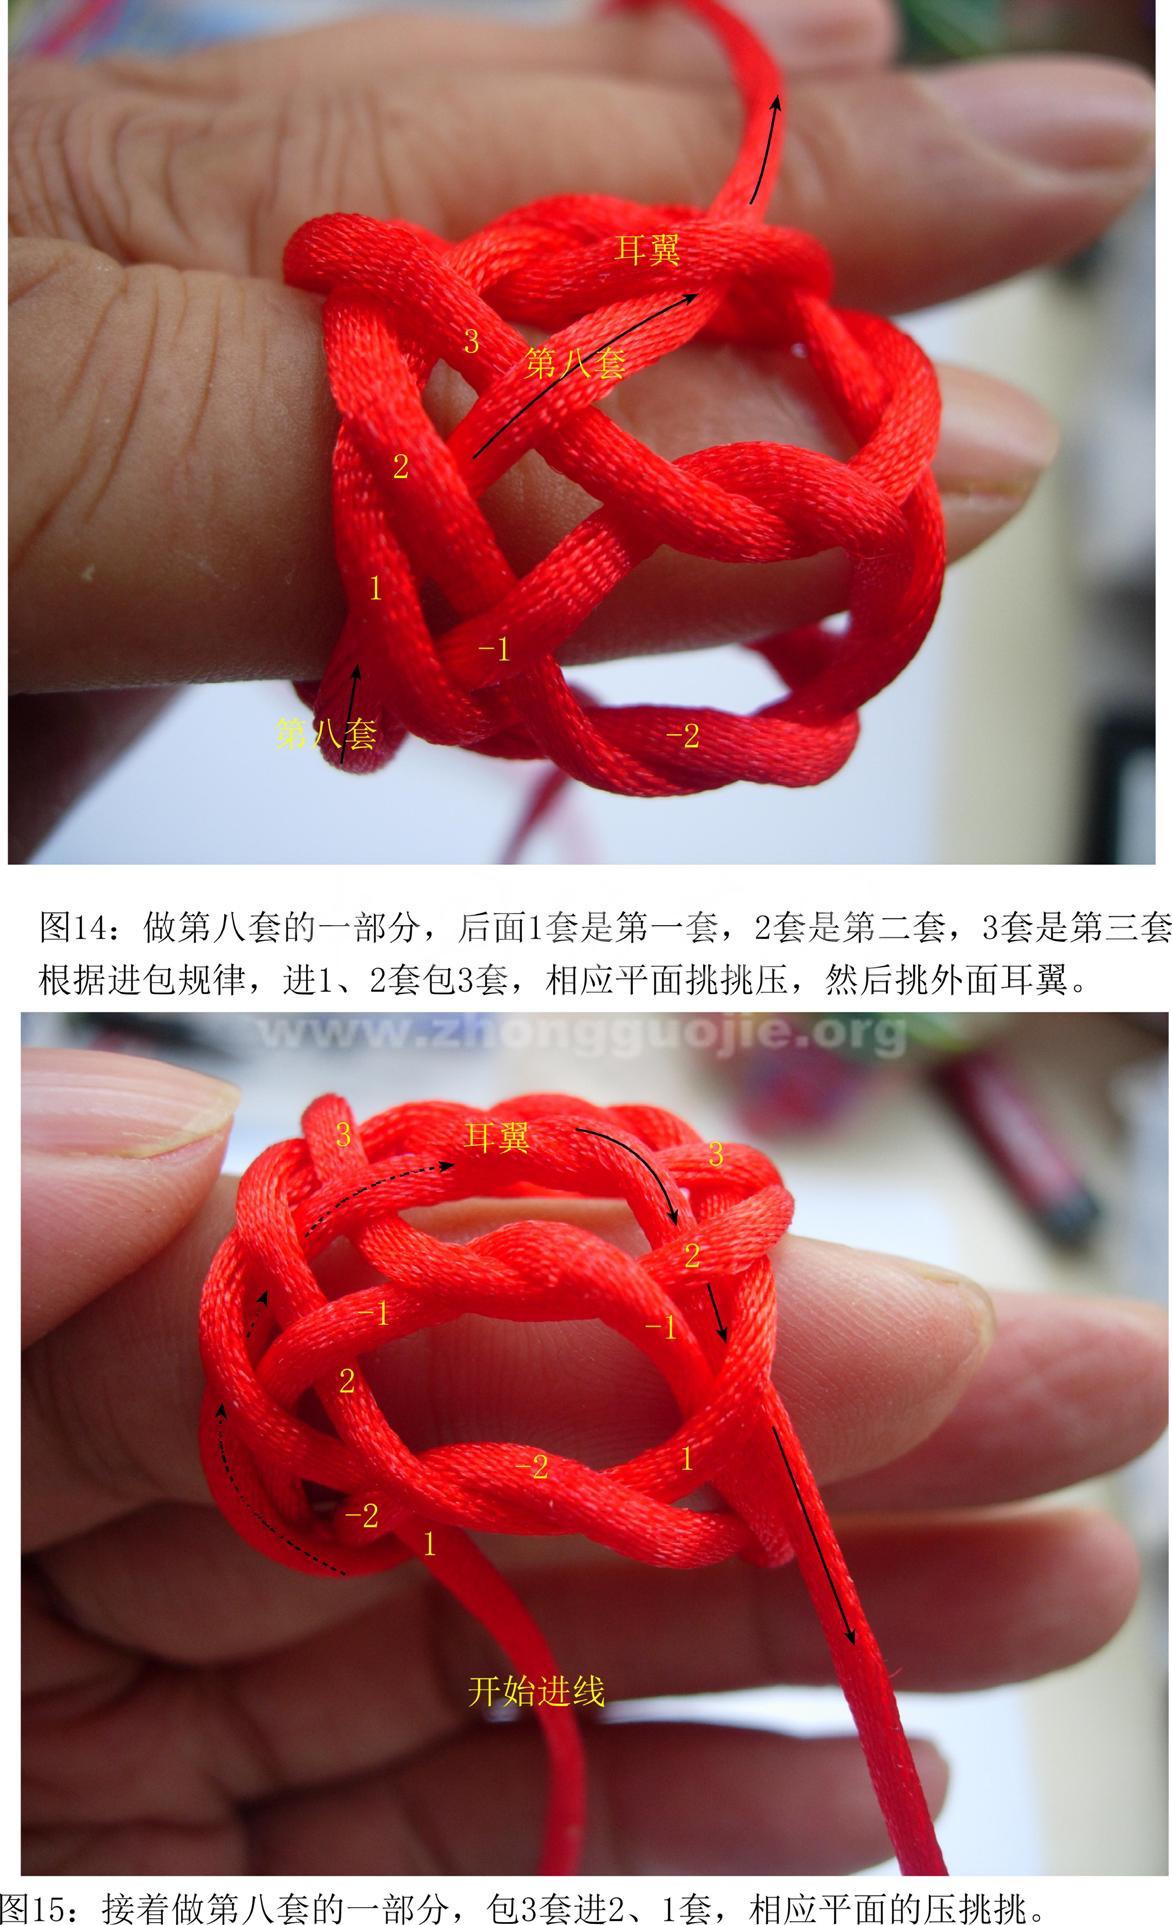 中国结论坛 8套1-2星辰结徒手编结过程  丑丑徒手编结 123514lfr3ukdr1hxczgxg